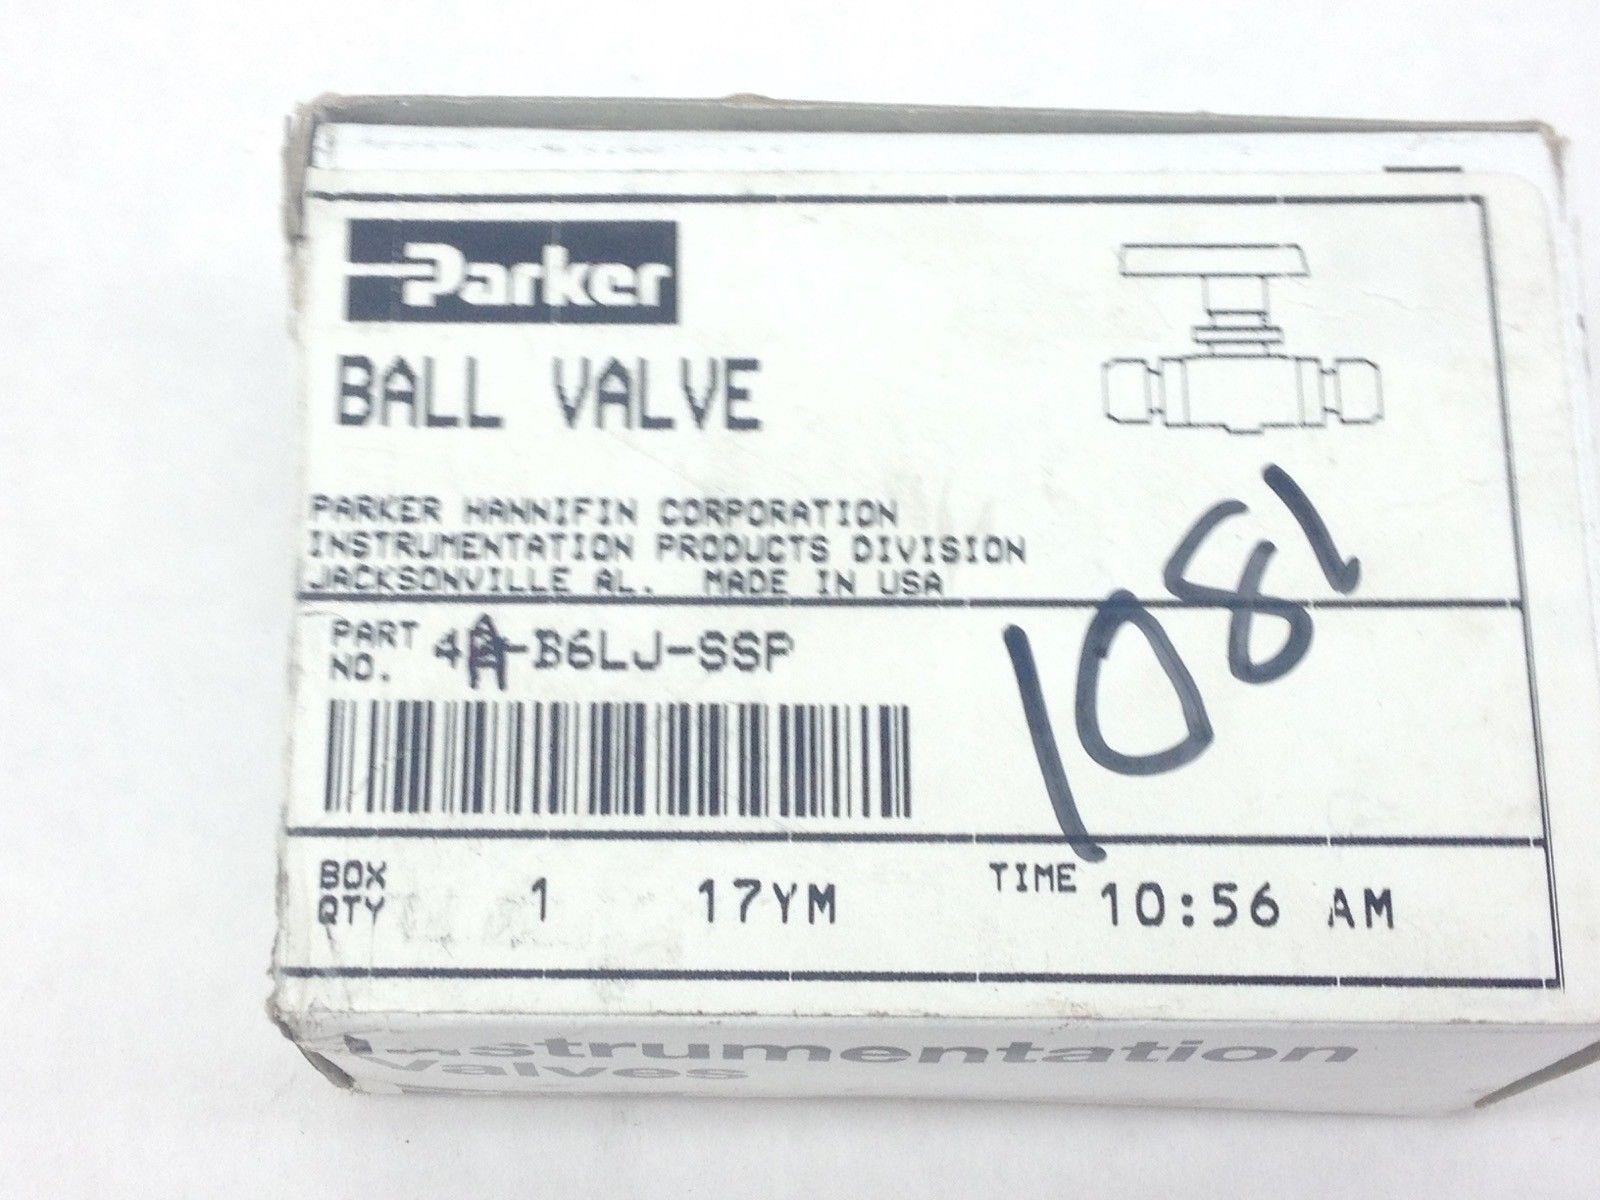 PARKER 4A-B6LJ-SSP BALL VALVE (A833) 1